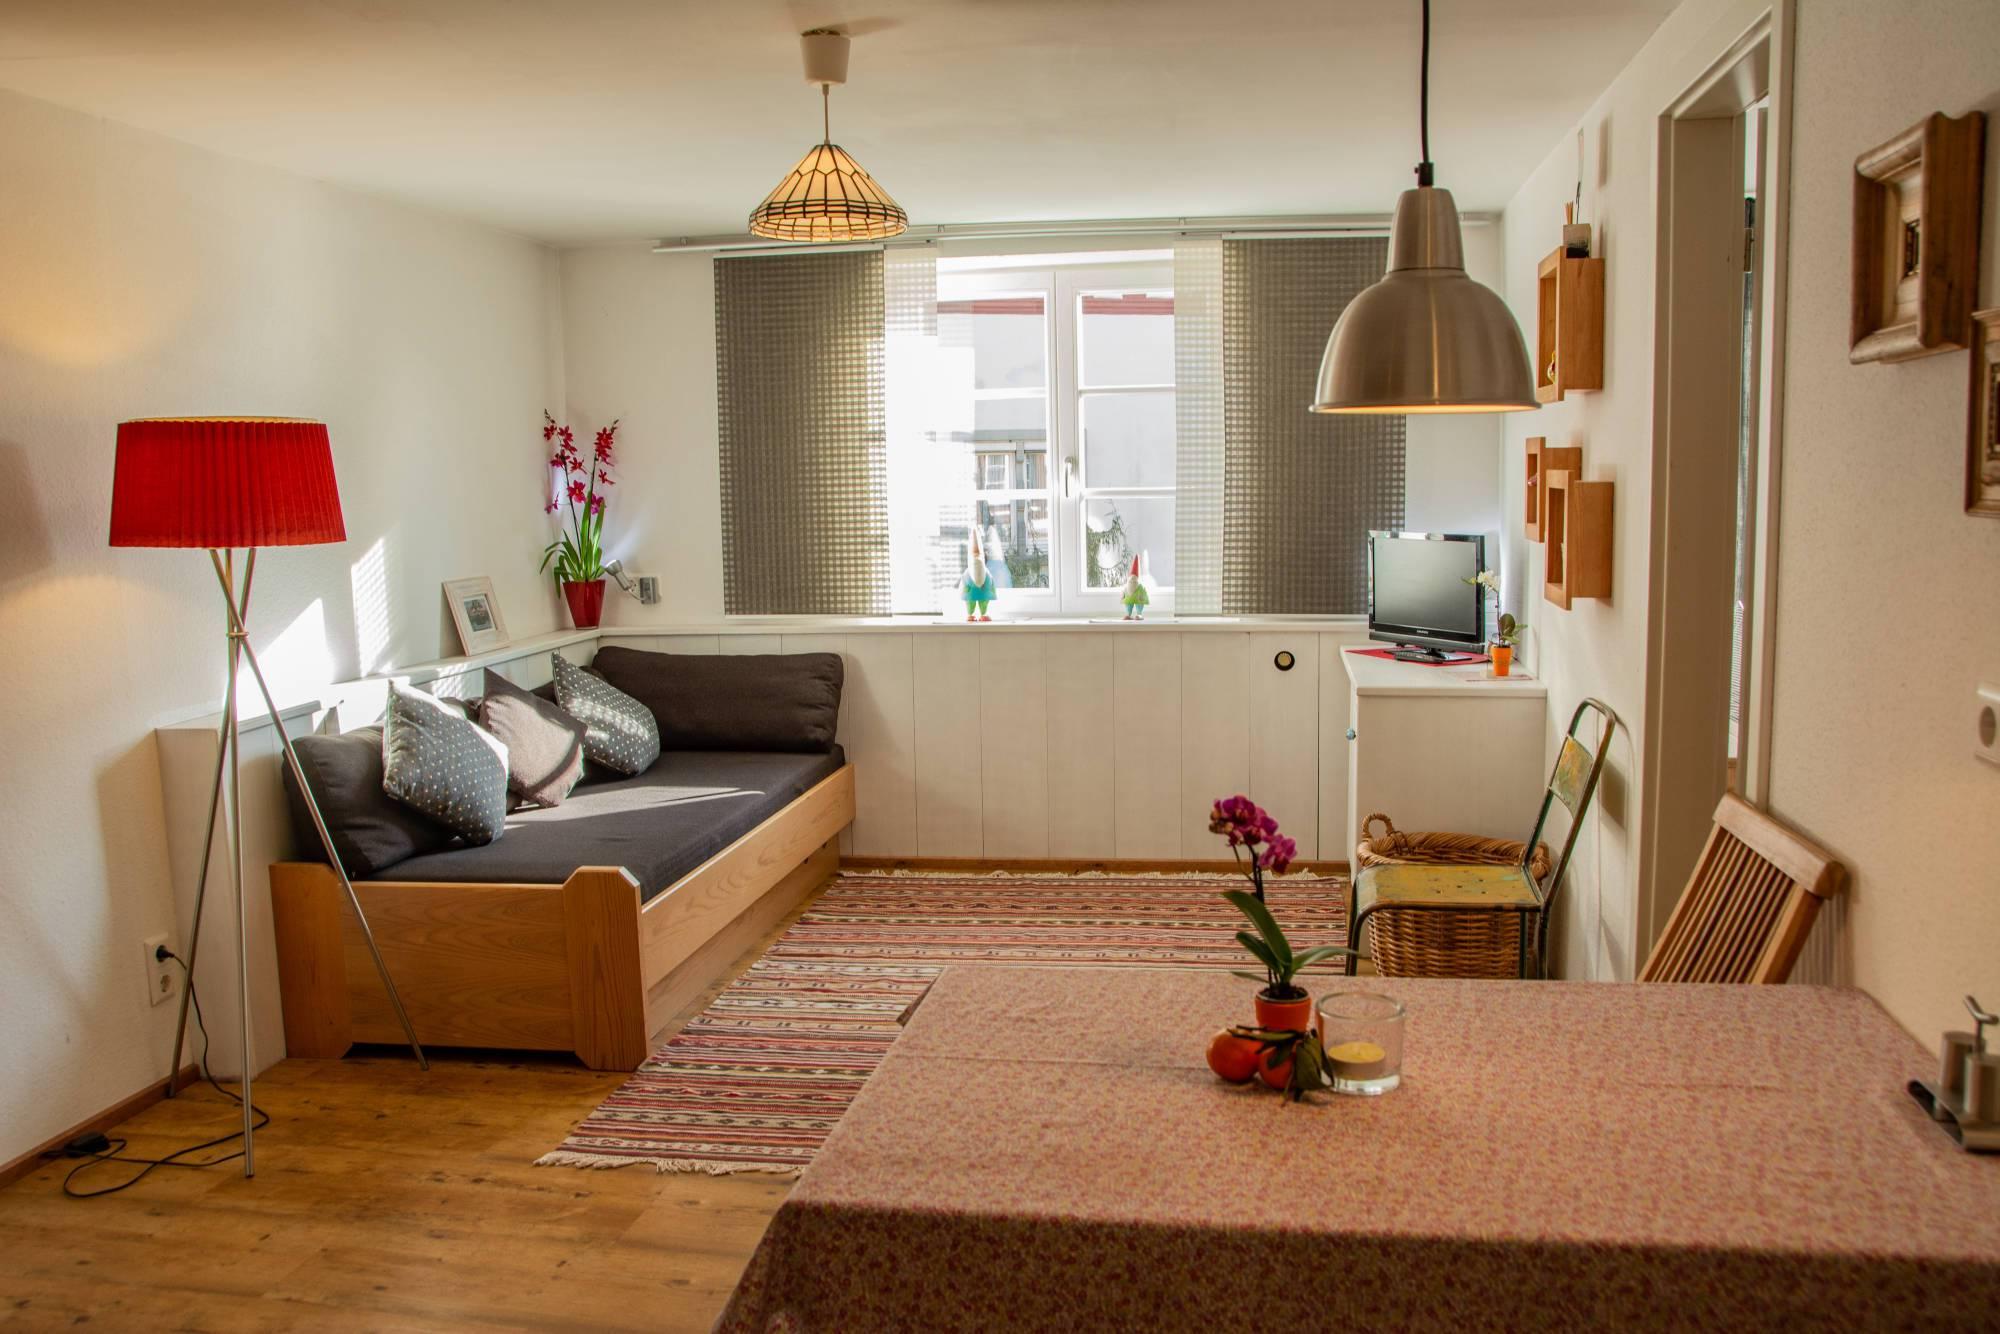 Haus Seeblick Hotel Garni Ferienwohnungen: Ferienwohnungen Haus Neustadt In Überlingen